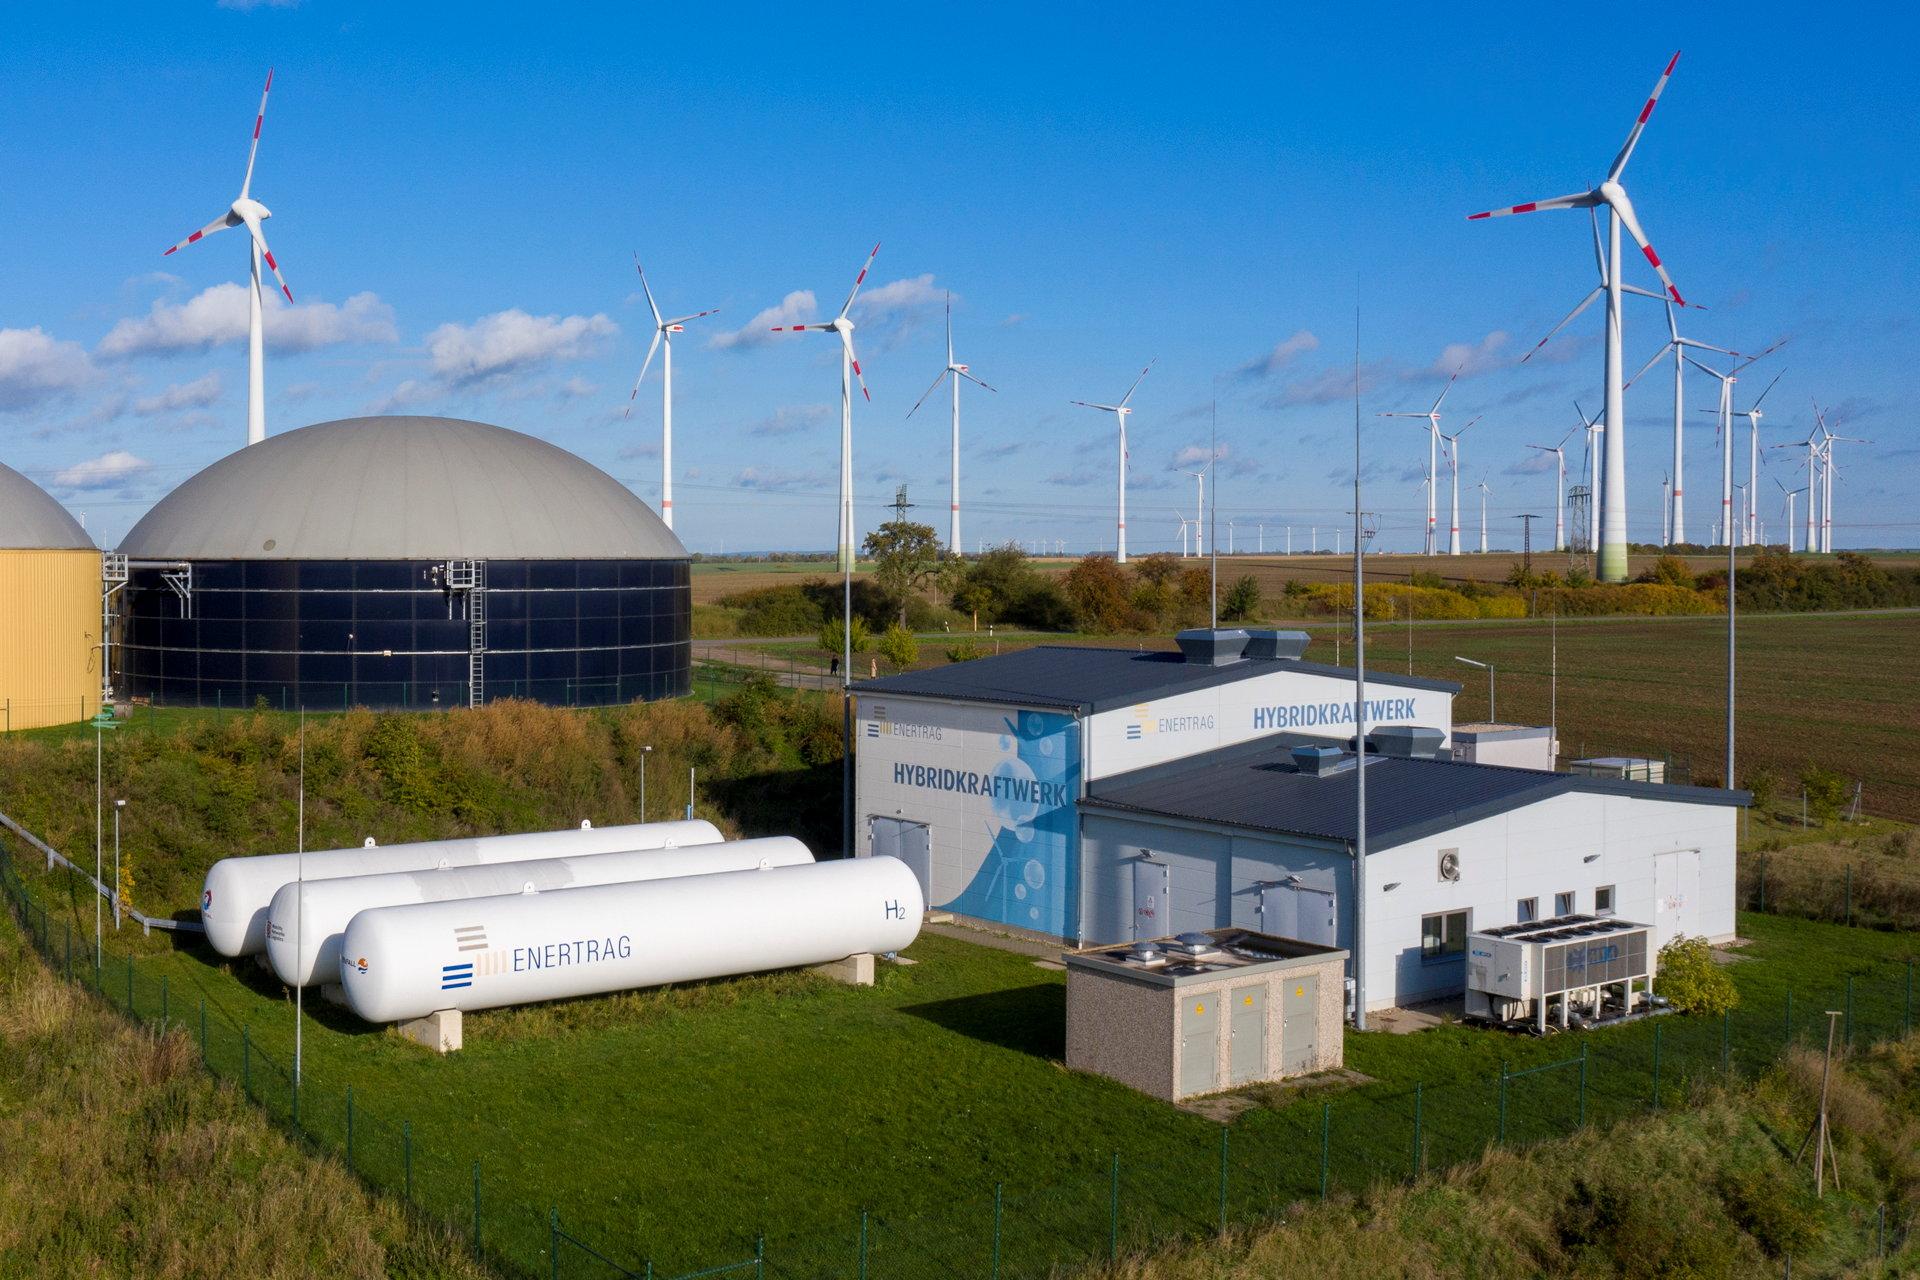 Kraftwerksgebäude mit drei weißen, zylindrischen Tanks und Biogasfermenter.